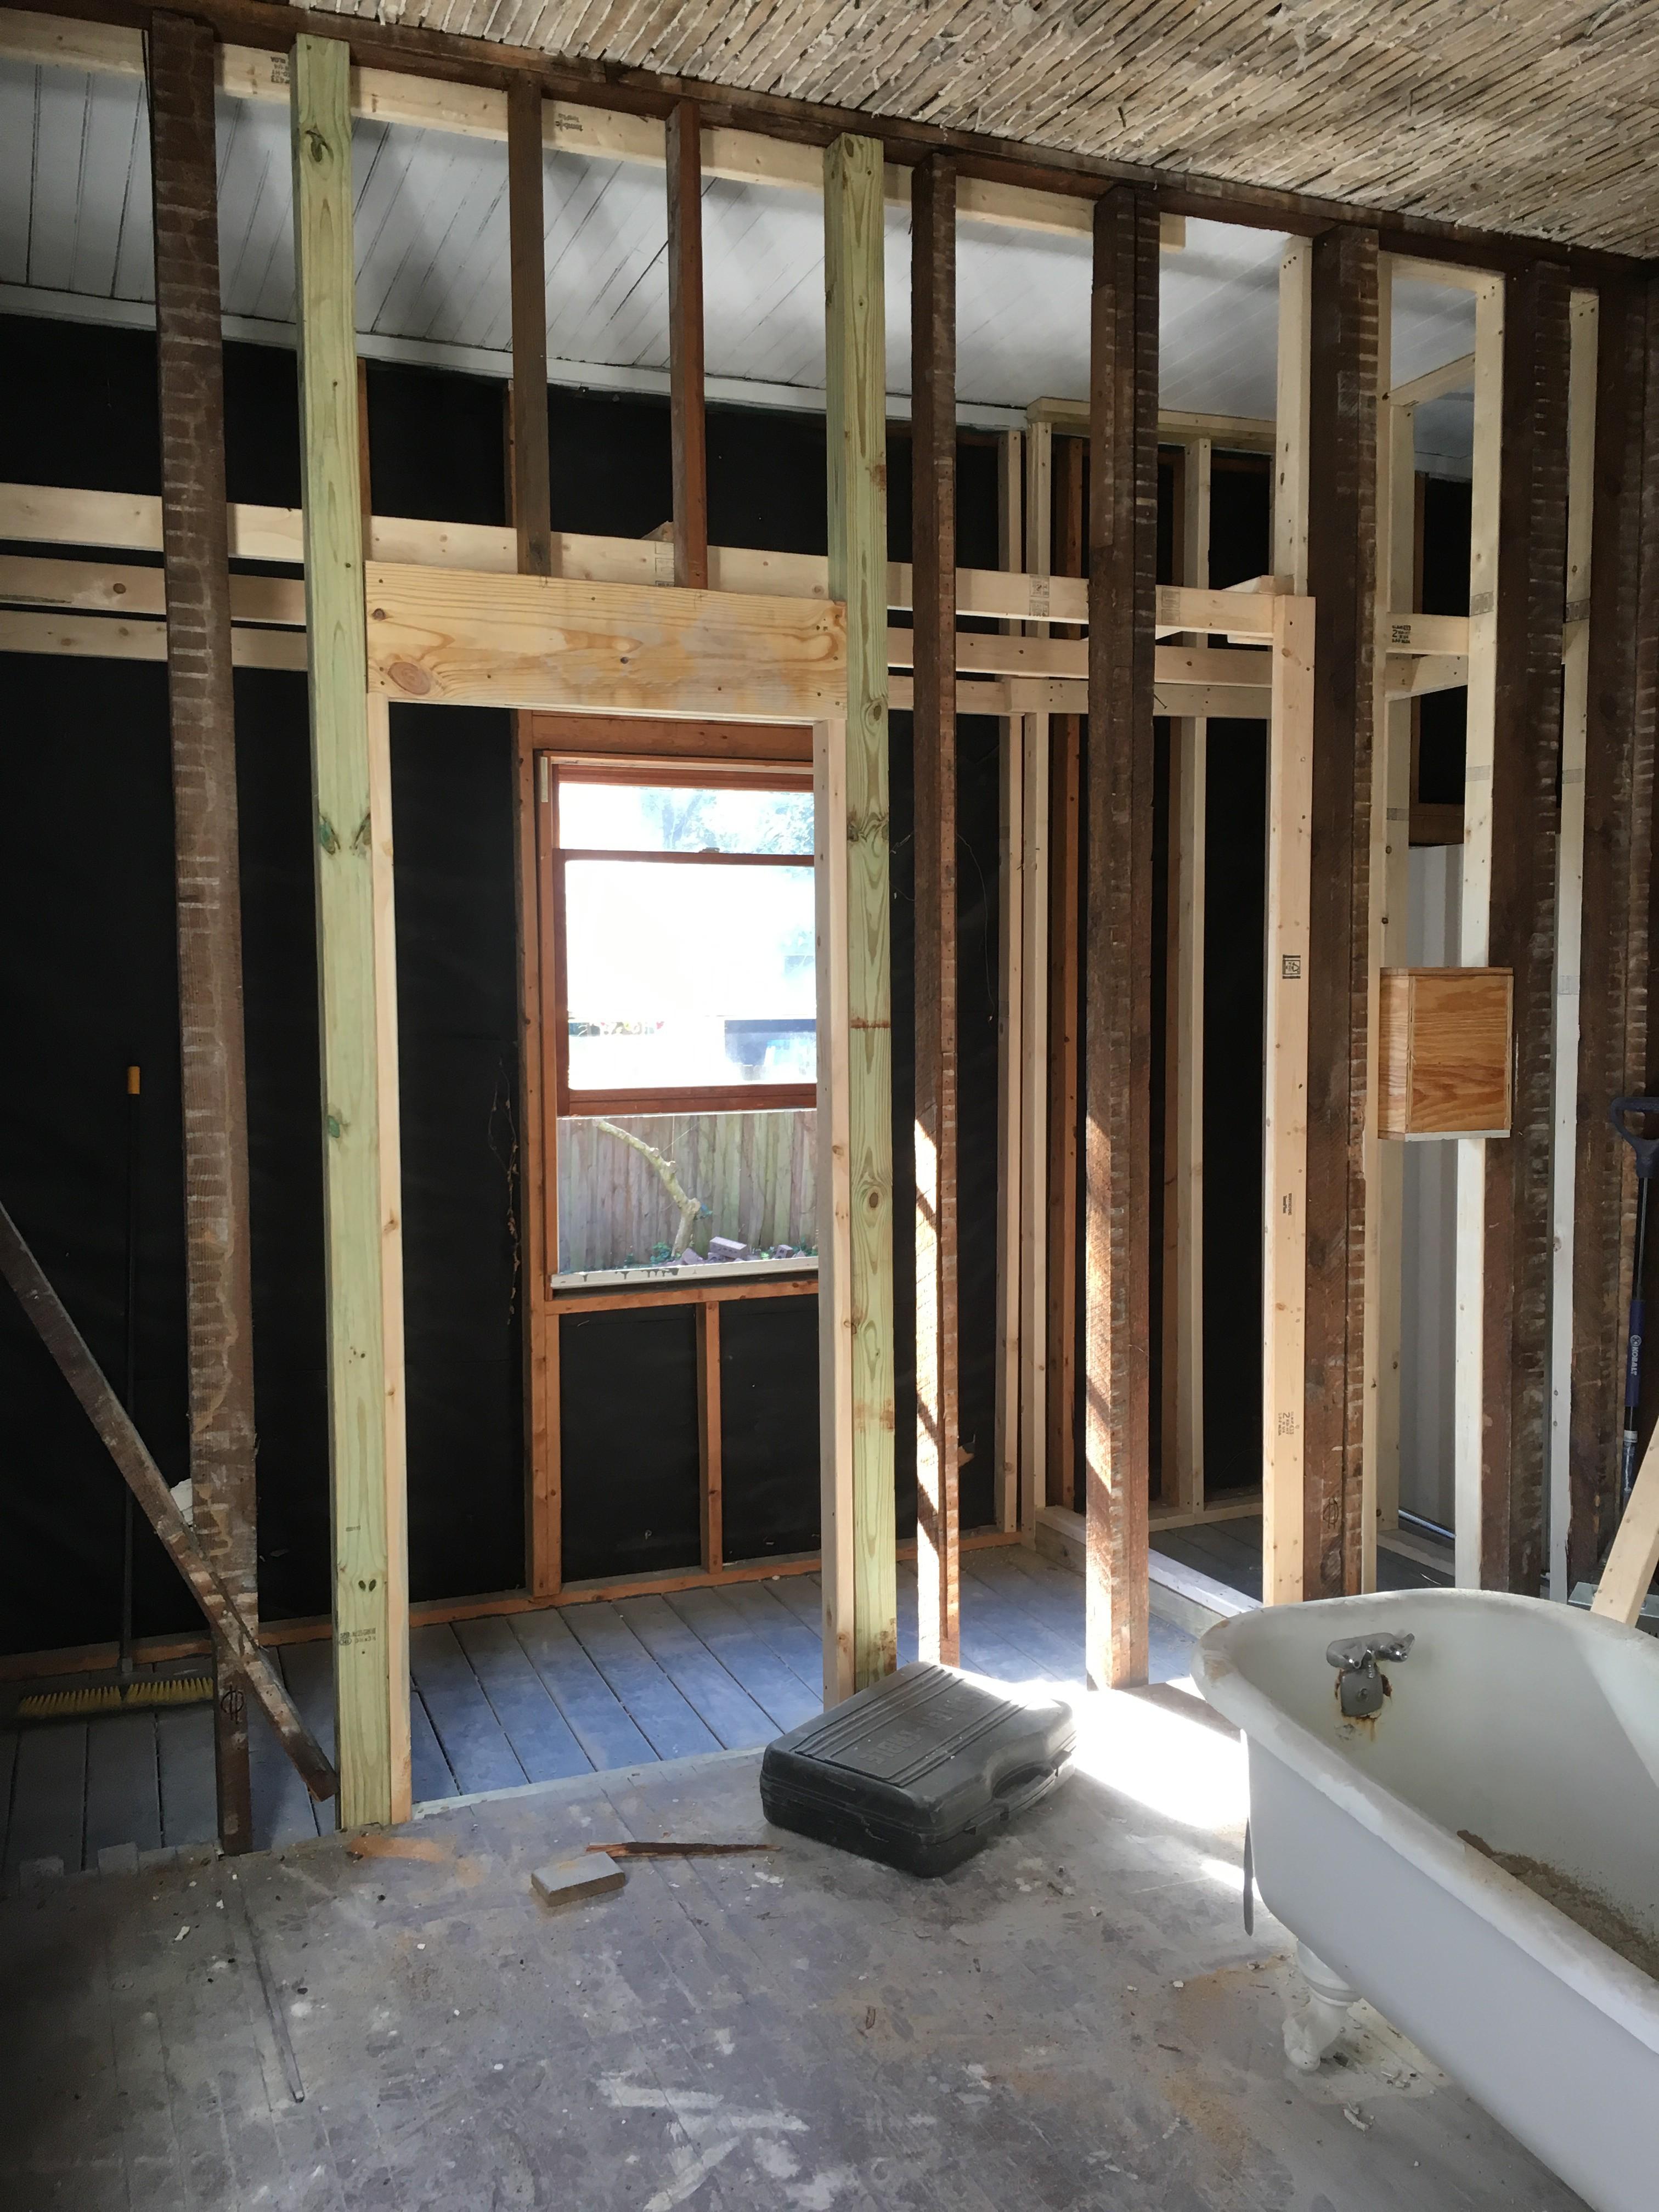 Before: Interior